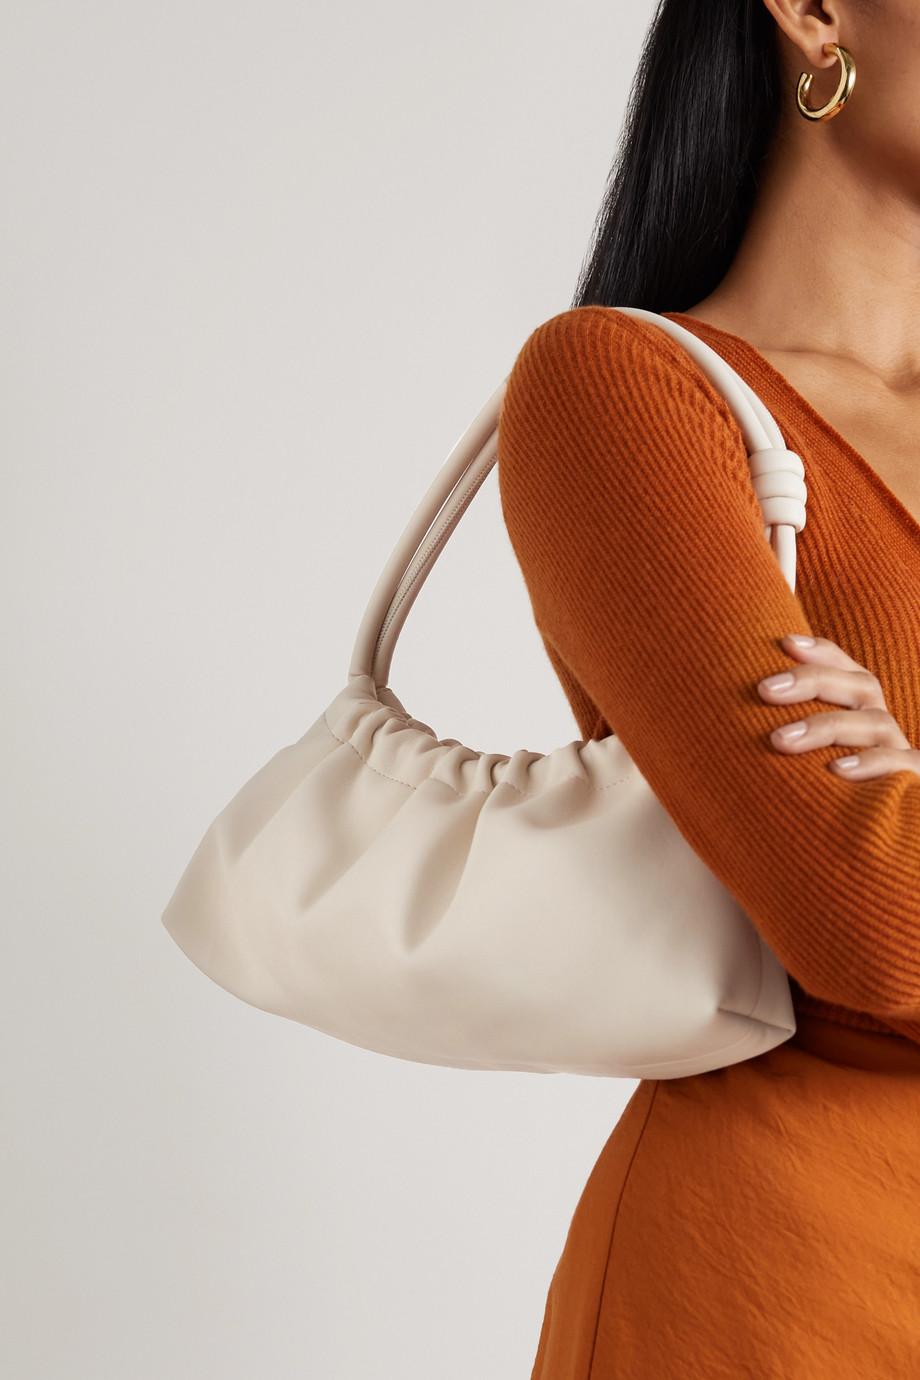 Nanushka Valerie Schultertasche aus veganem Leder mit Raffungen